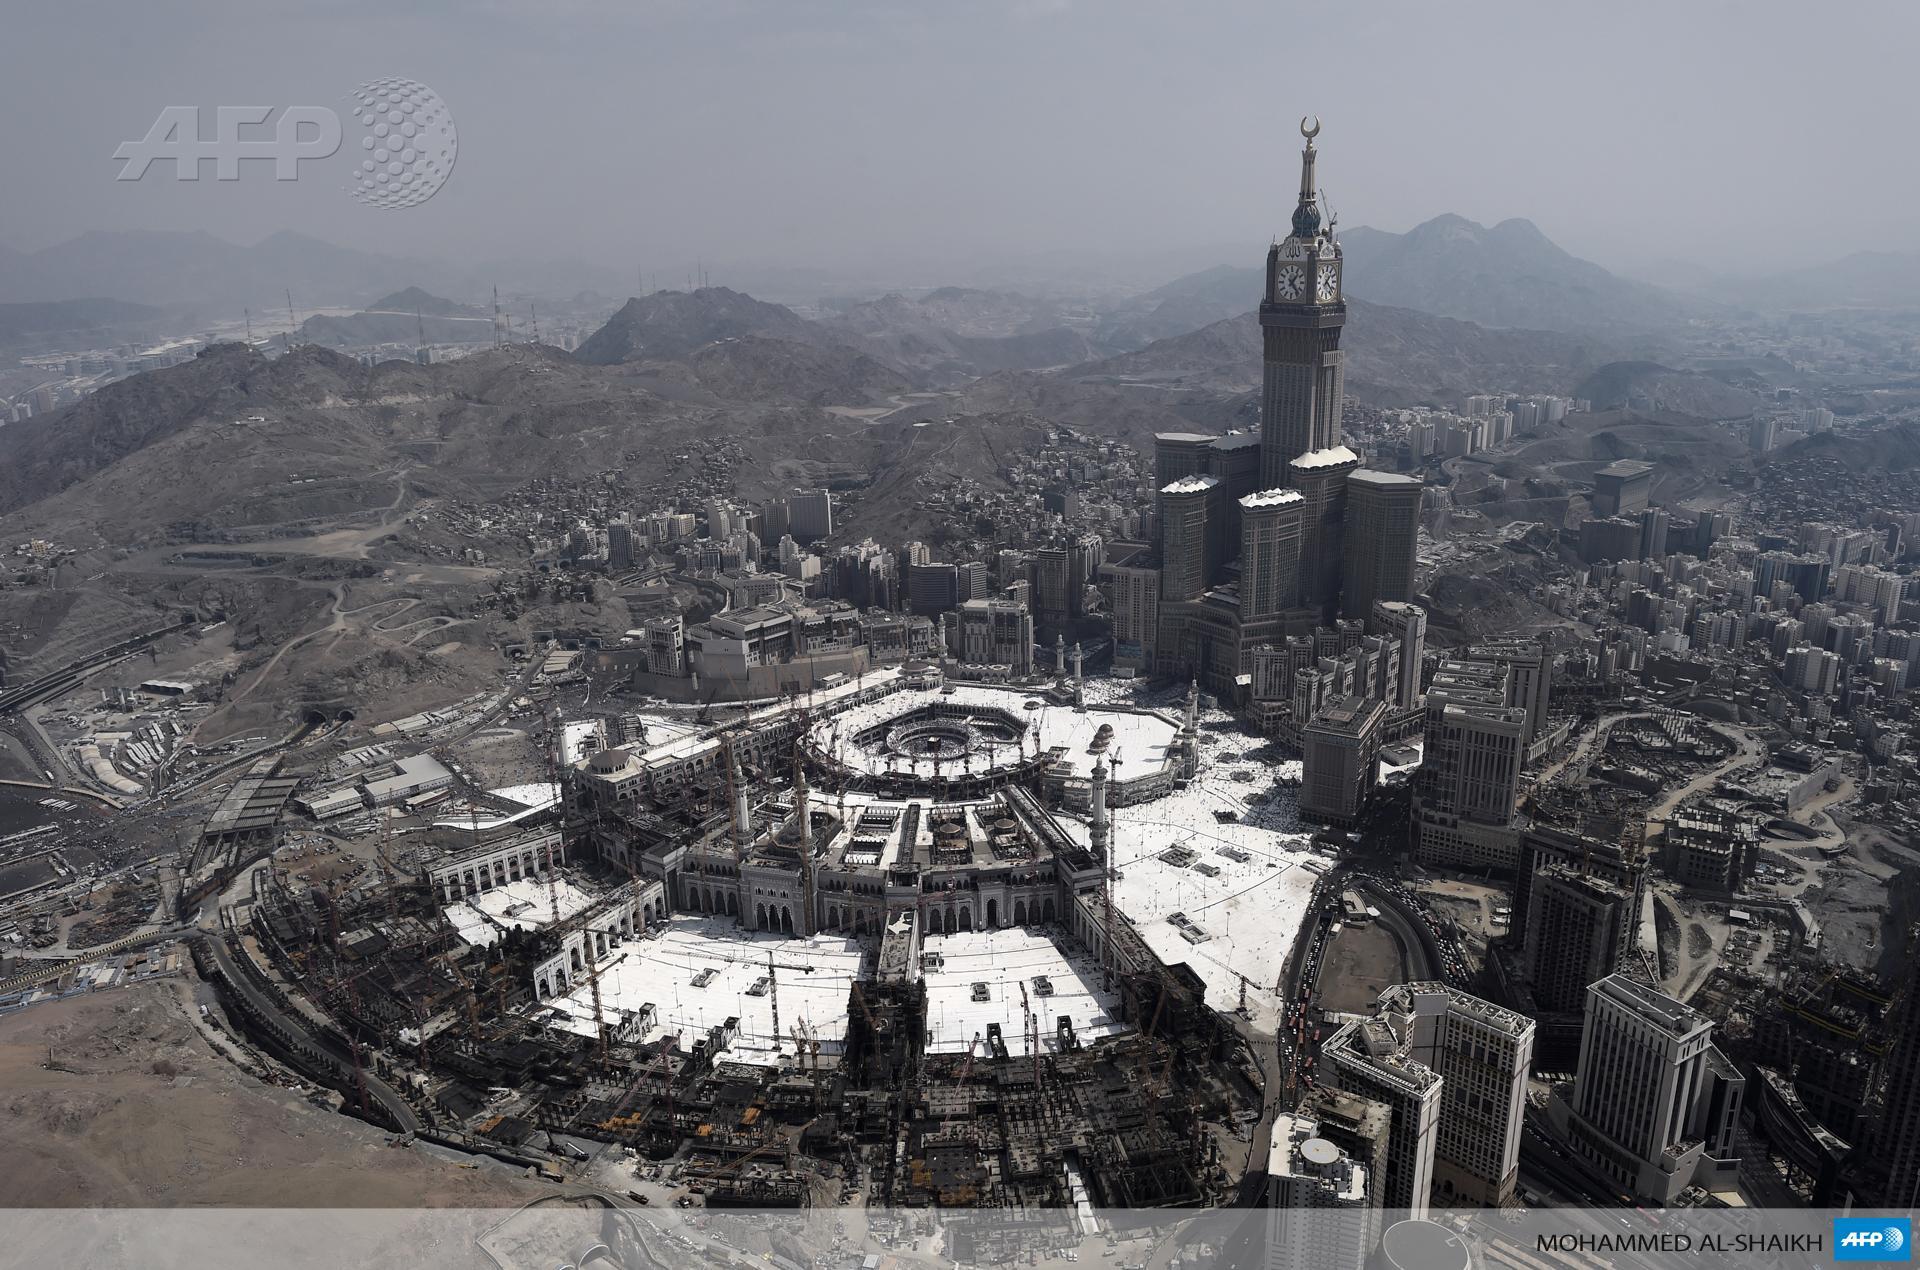 #instantané Vue aérienne de La Mecque par @Alshaikh_BH #AFP http://t.co/RapLe5kYRC